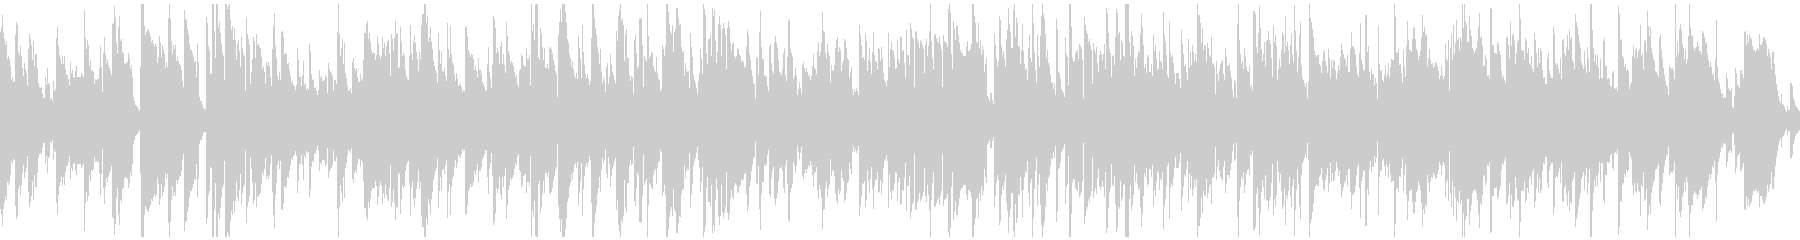 ロマンチックなジャズワルツ ※ループ版の未再生の波形